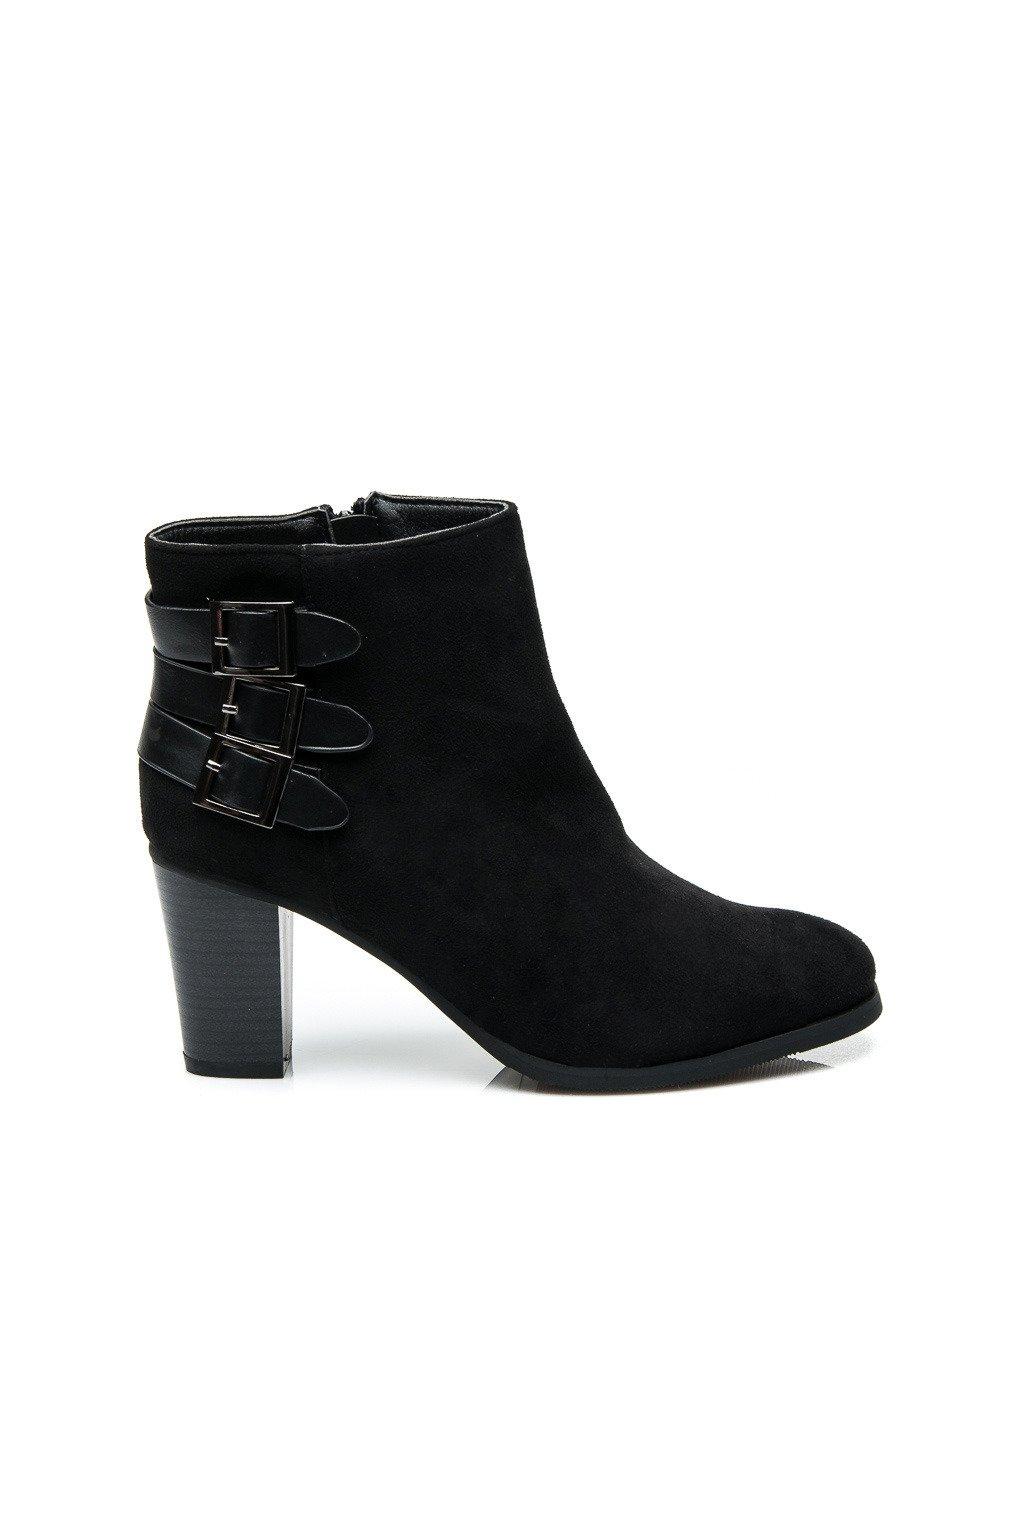 Dámske semišové topánky veľ.č. 40 (Veľkosť UK7 / EUR 40)